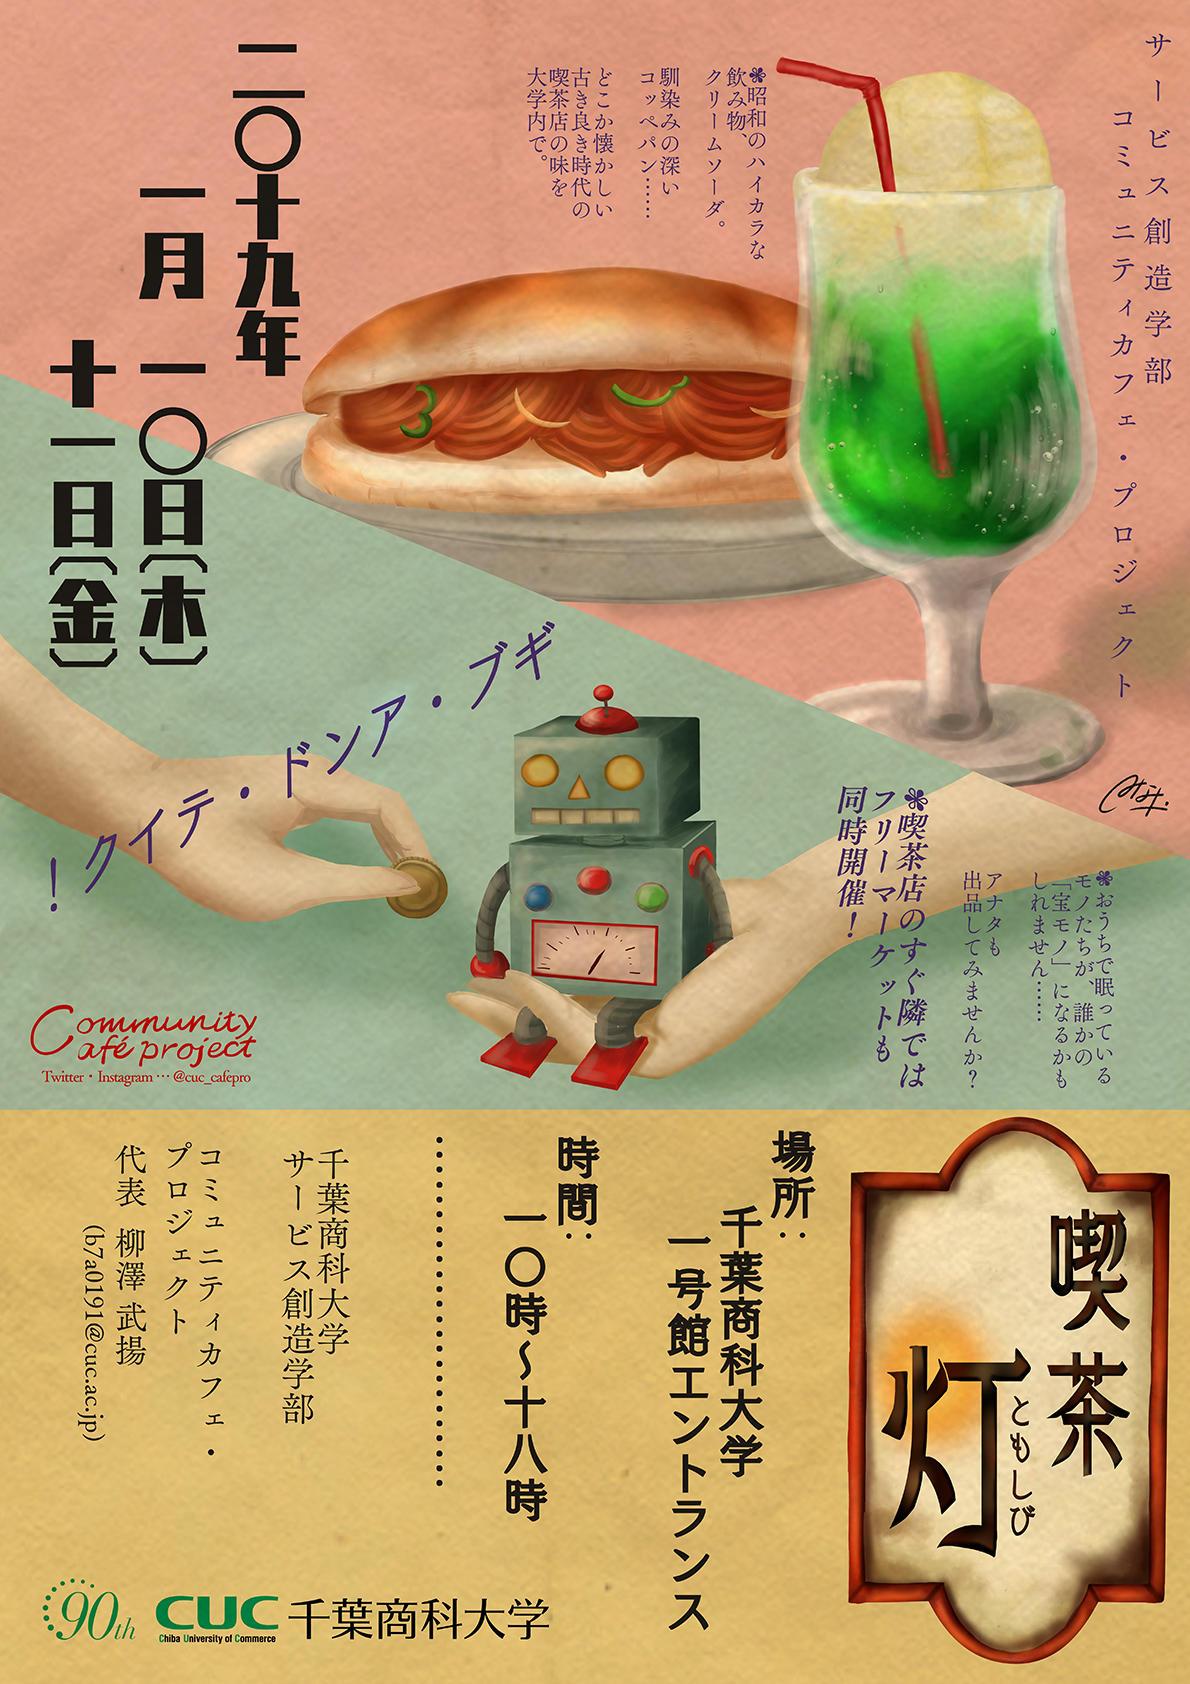 平成最後の年に昭和レトロな交流を楽しめる純喫茶「喫茶 灯」がキャンパスに2日間限定オープン~「エシカル消費」啓発のためのバザーも同時開催~千葉商科大学